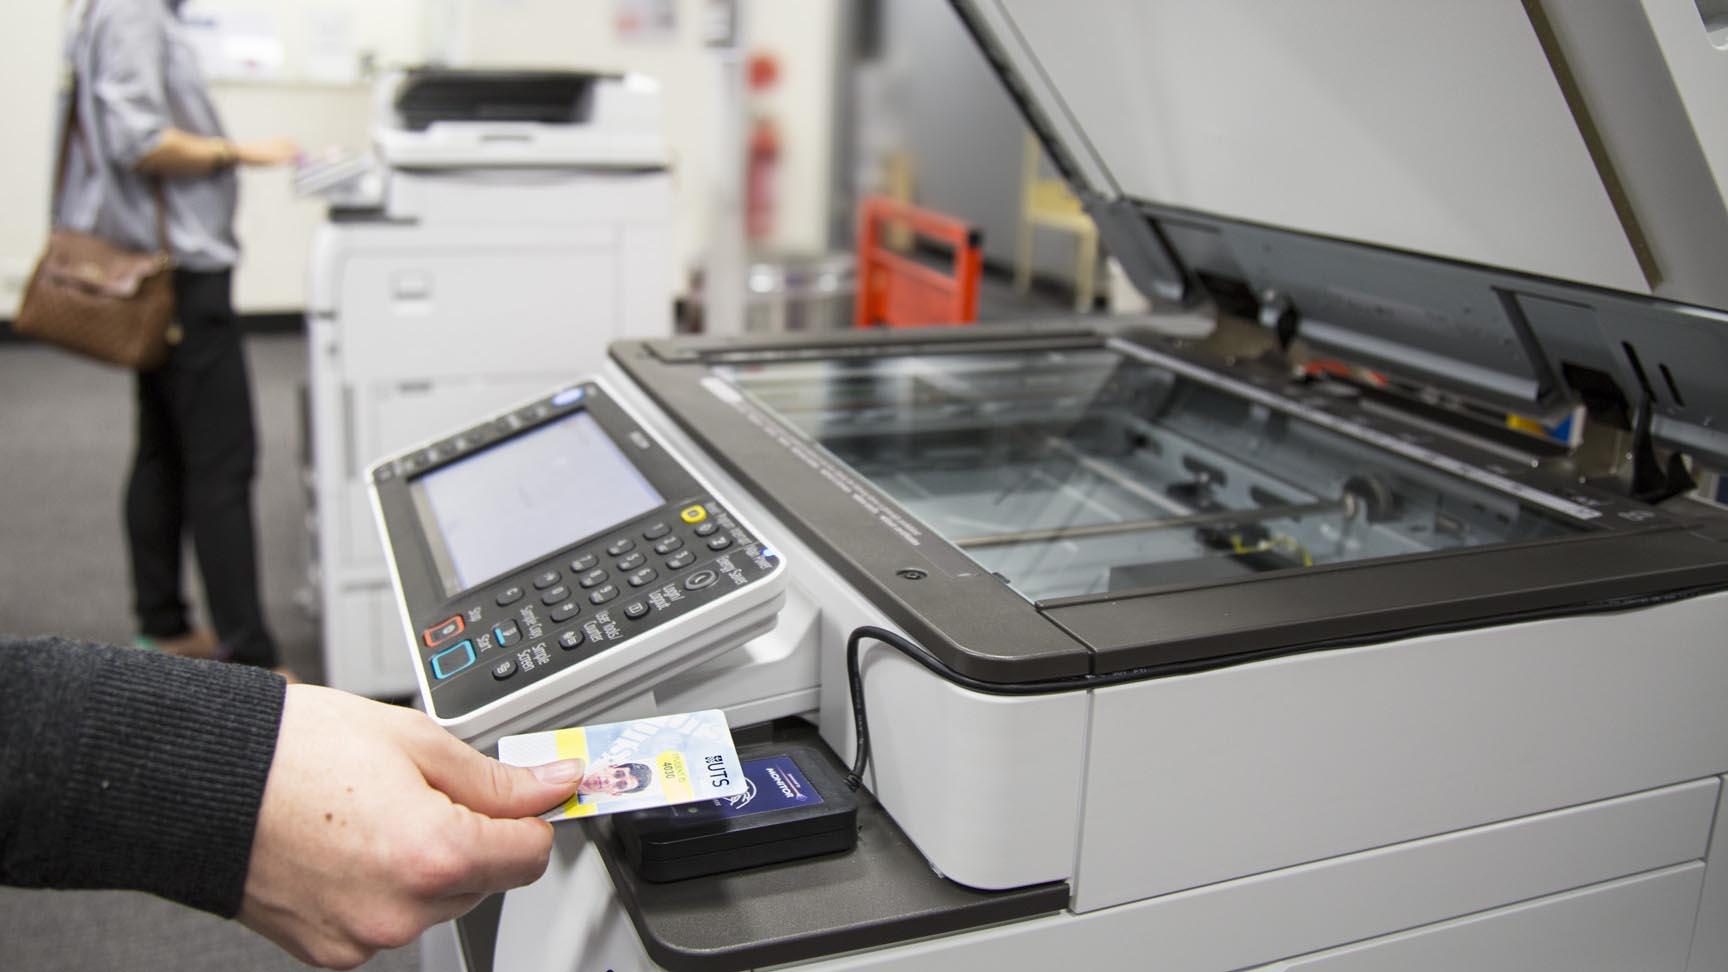 kinh nghiệm nhận biết những nguyên nhân  gây hỏng máy photocopy và sửa máy photocopy giúp bạn sửa